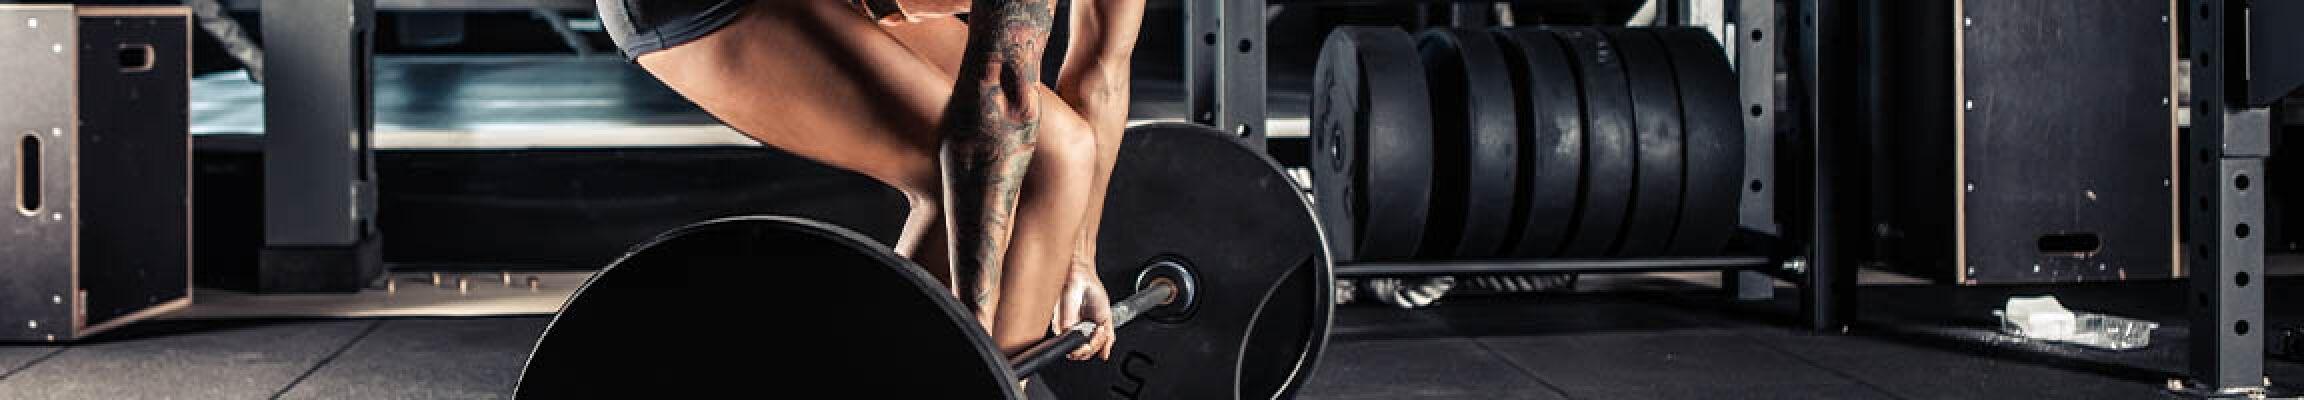 Kann ich mit dem 5x5 Training nur Kraft aufbauen oder auch Muskeln?